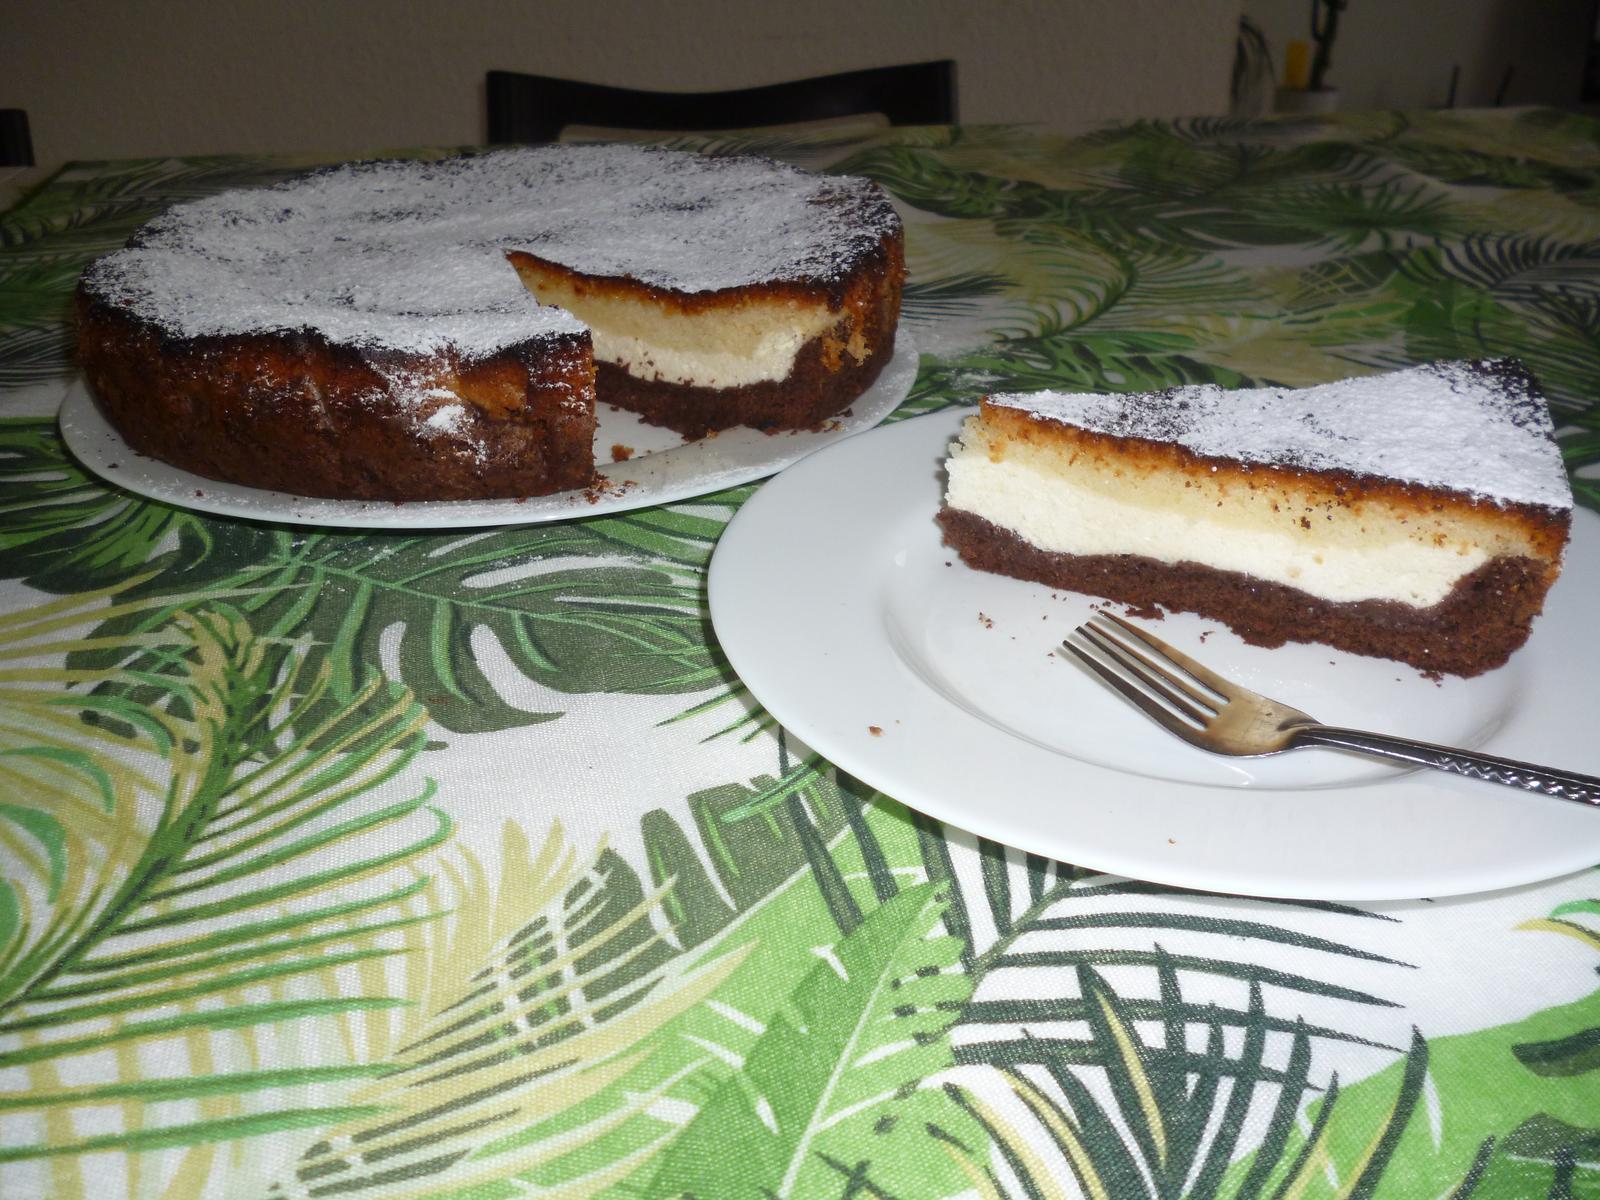 Což dát si něco k snědku - tříbarevný koláč